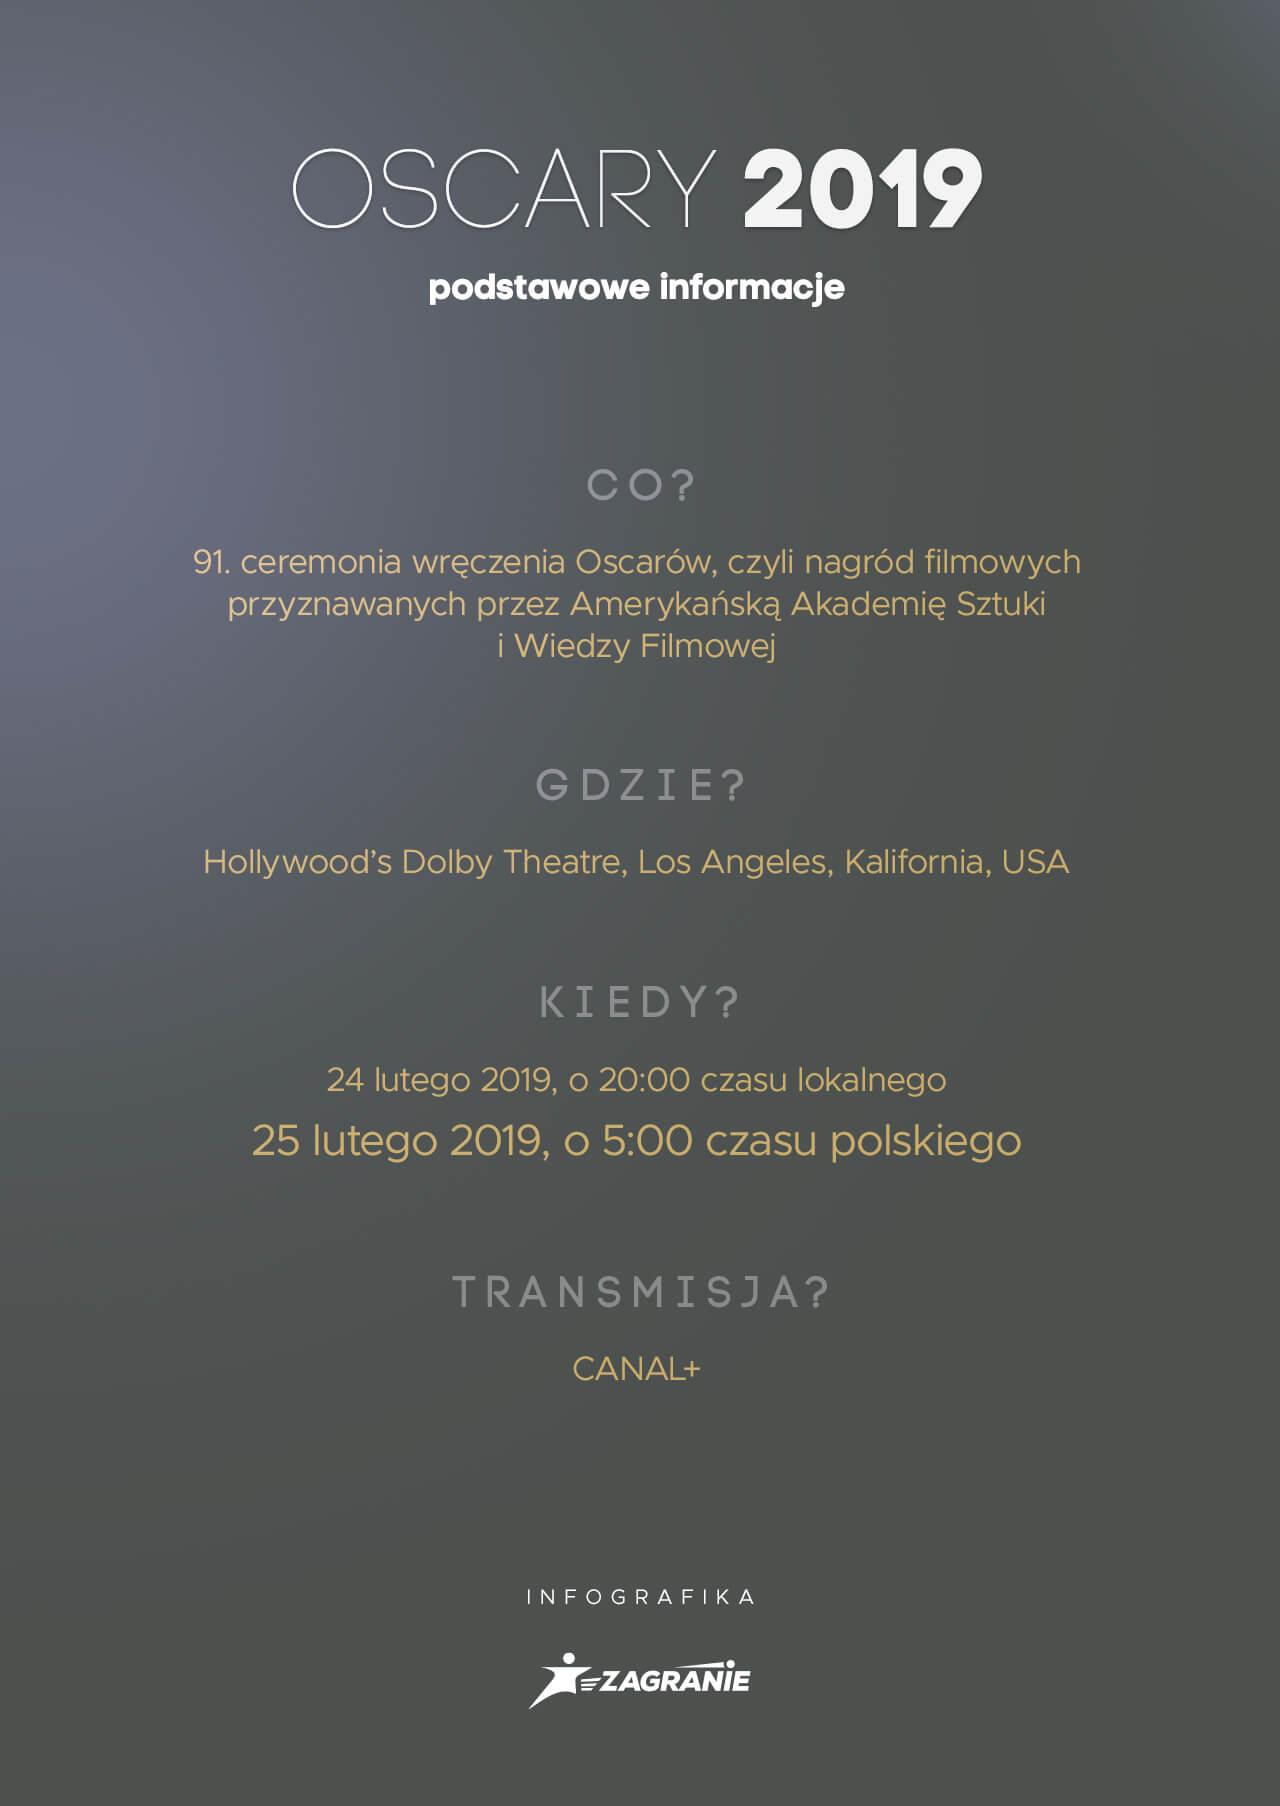 Oscary 2019 informacje